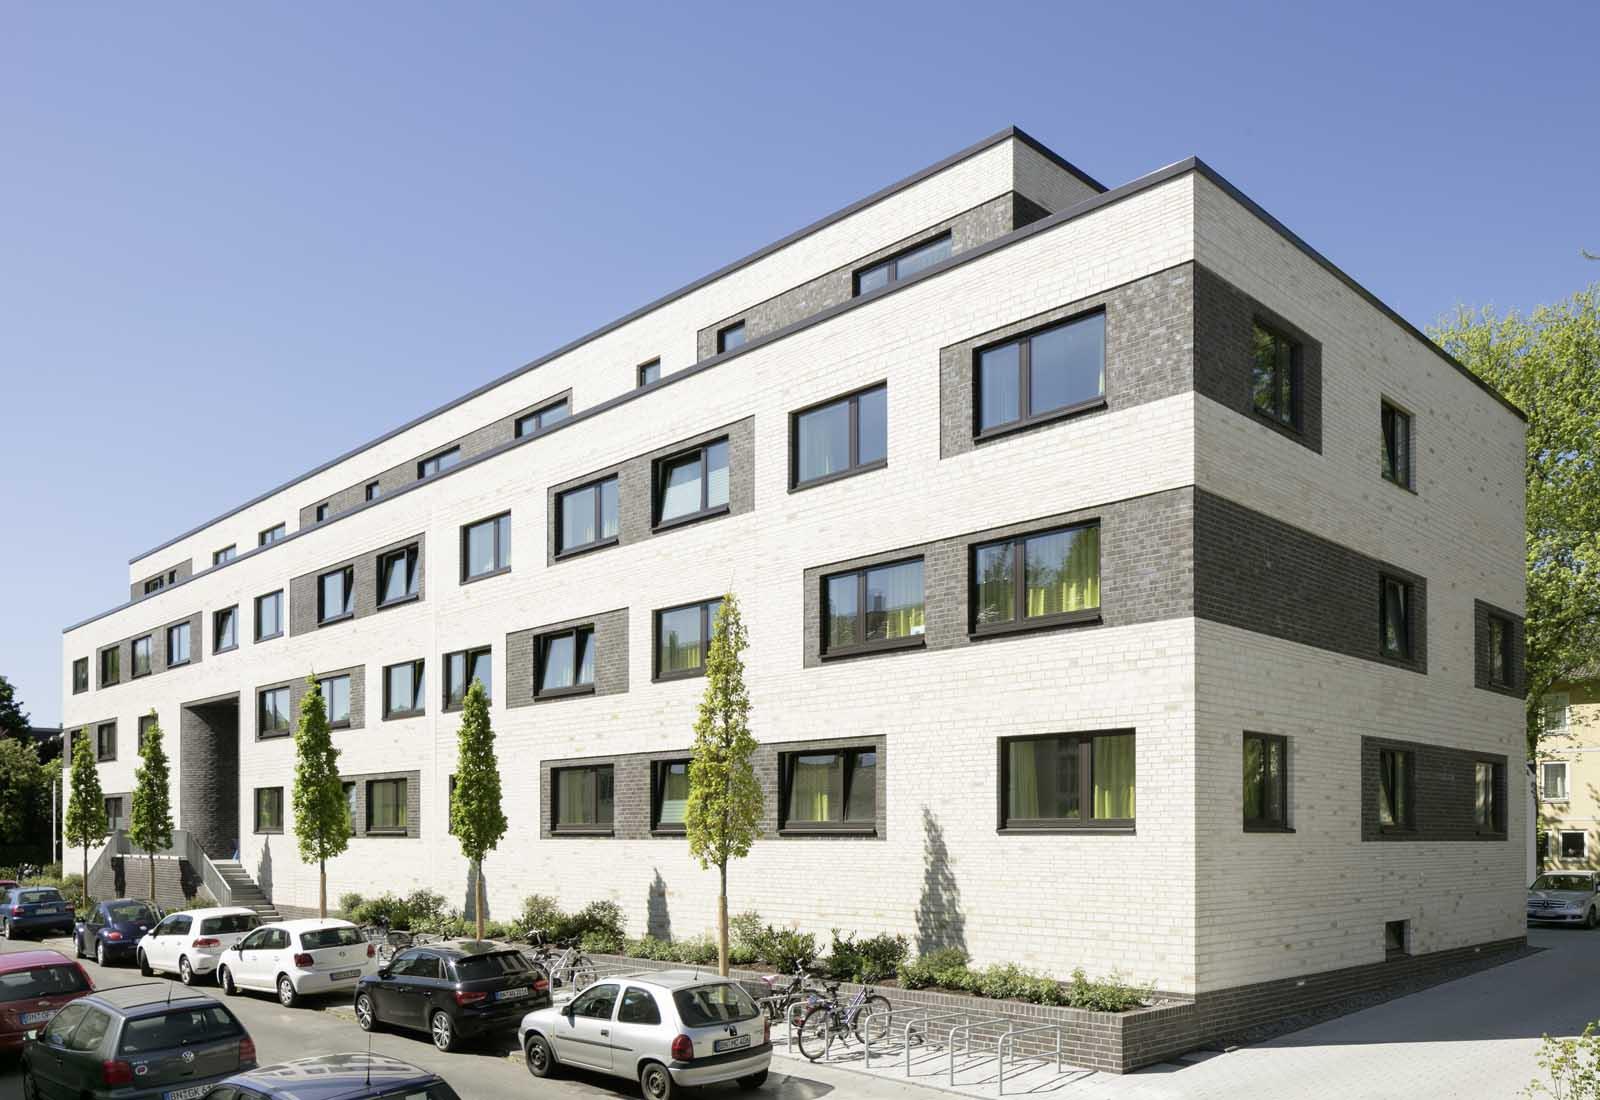 Studentenwohnheim Durusstr. Bonn | Architekturbüro Koenigs und Rütter, Bonn